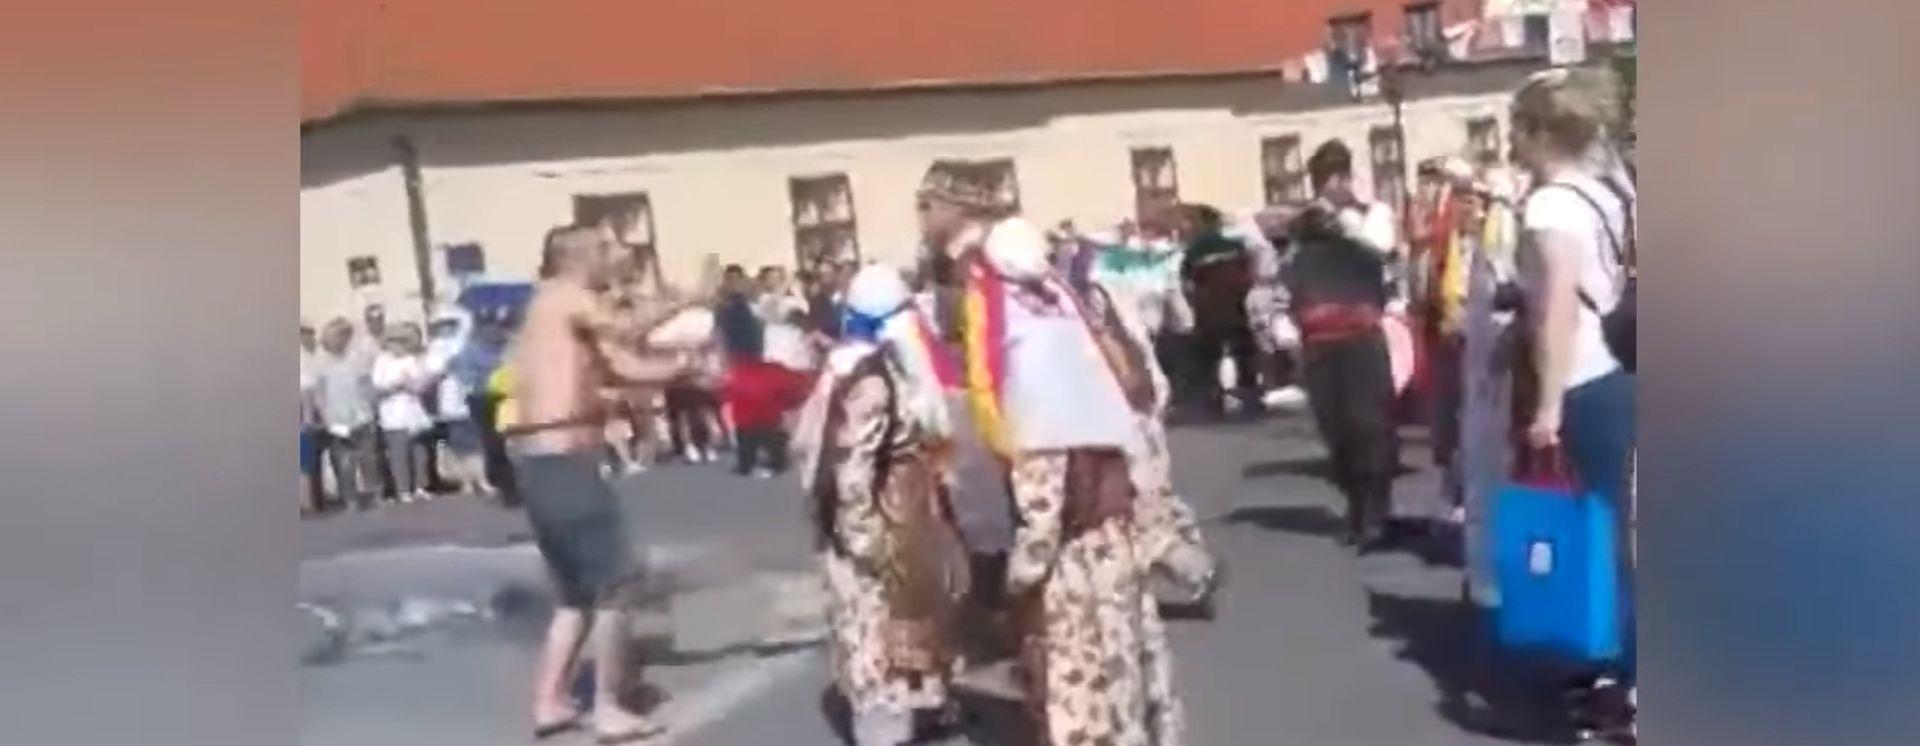 VIDEO: PRVI INCIDENT U POVIJESTI ĐAKOVAČIH VEZOVA Uletio u povorku i gostima iz Turske otrgnuo zastavu